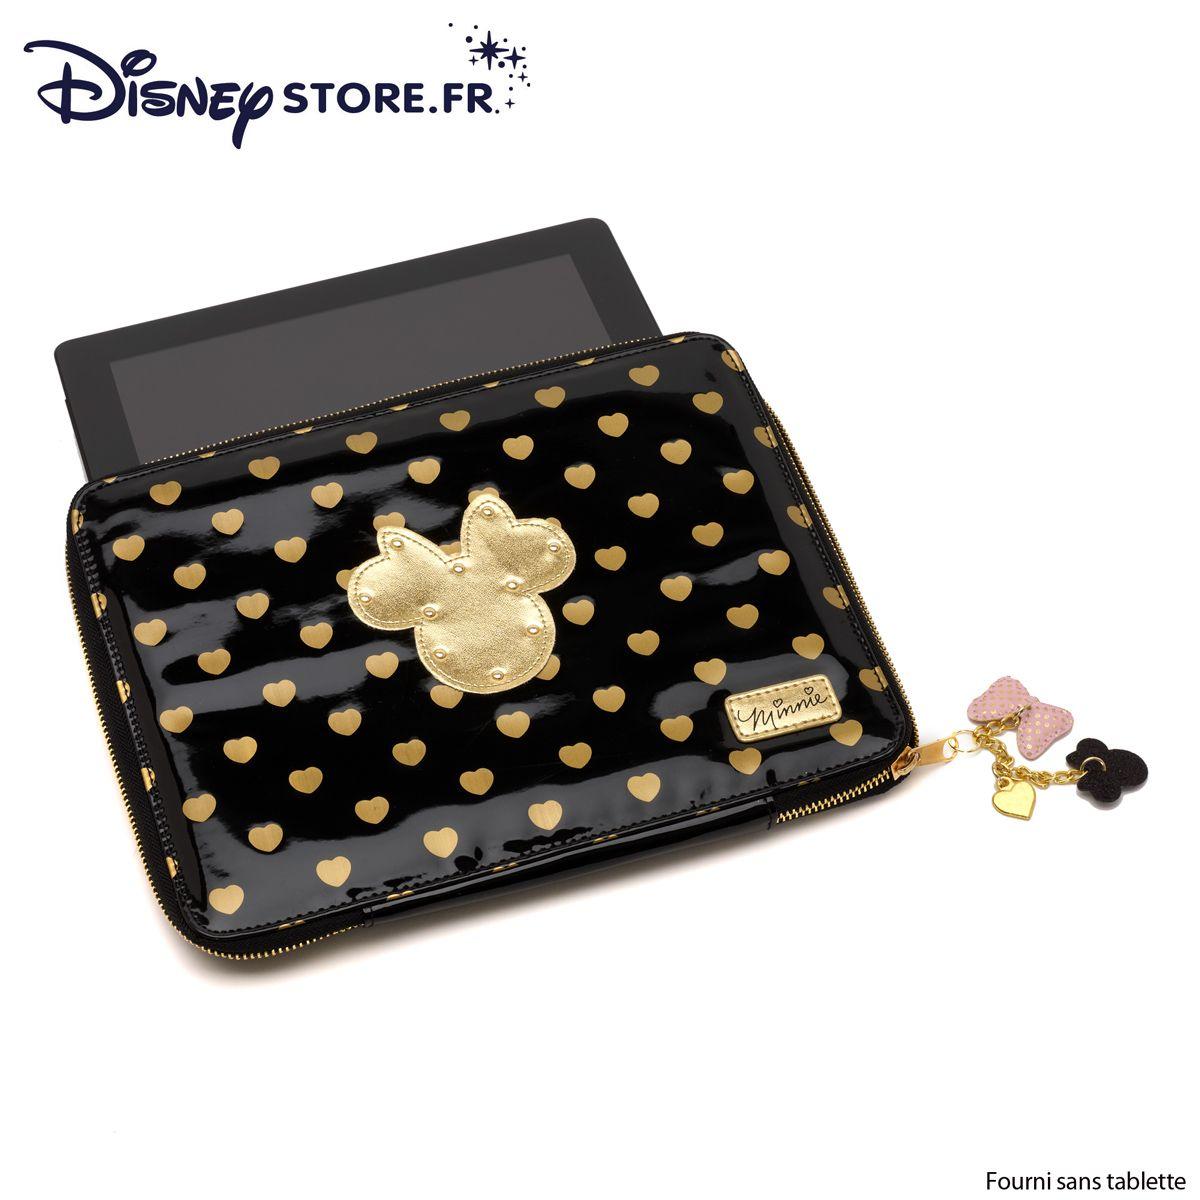 Etui Tablette Minnie Mouse Party Collection Crez Votre Board Votree Liste Magique De Nol